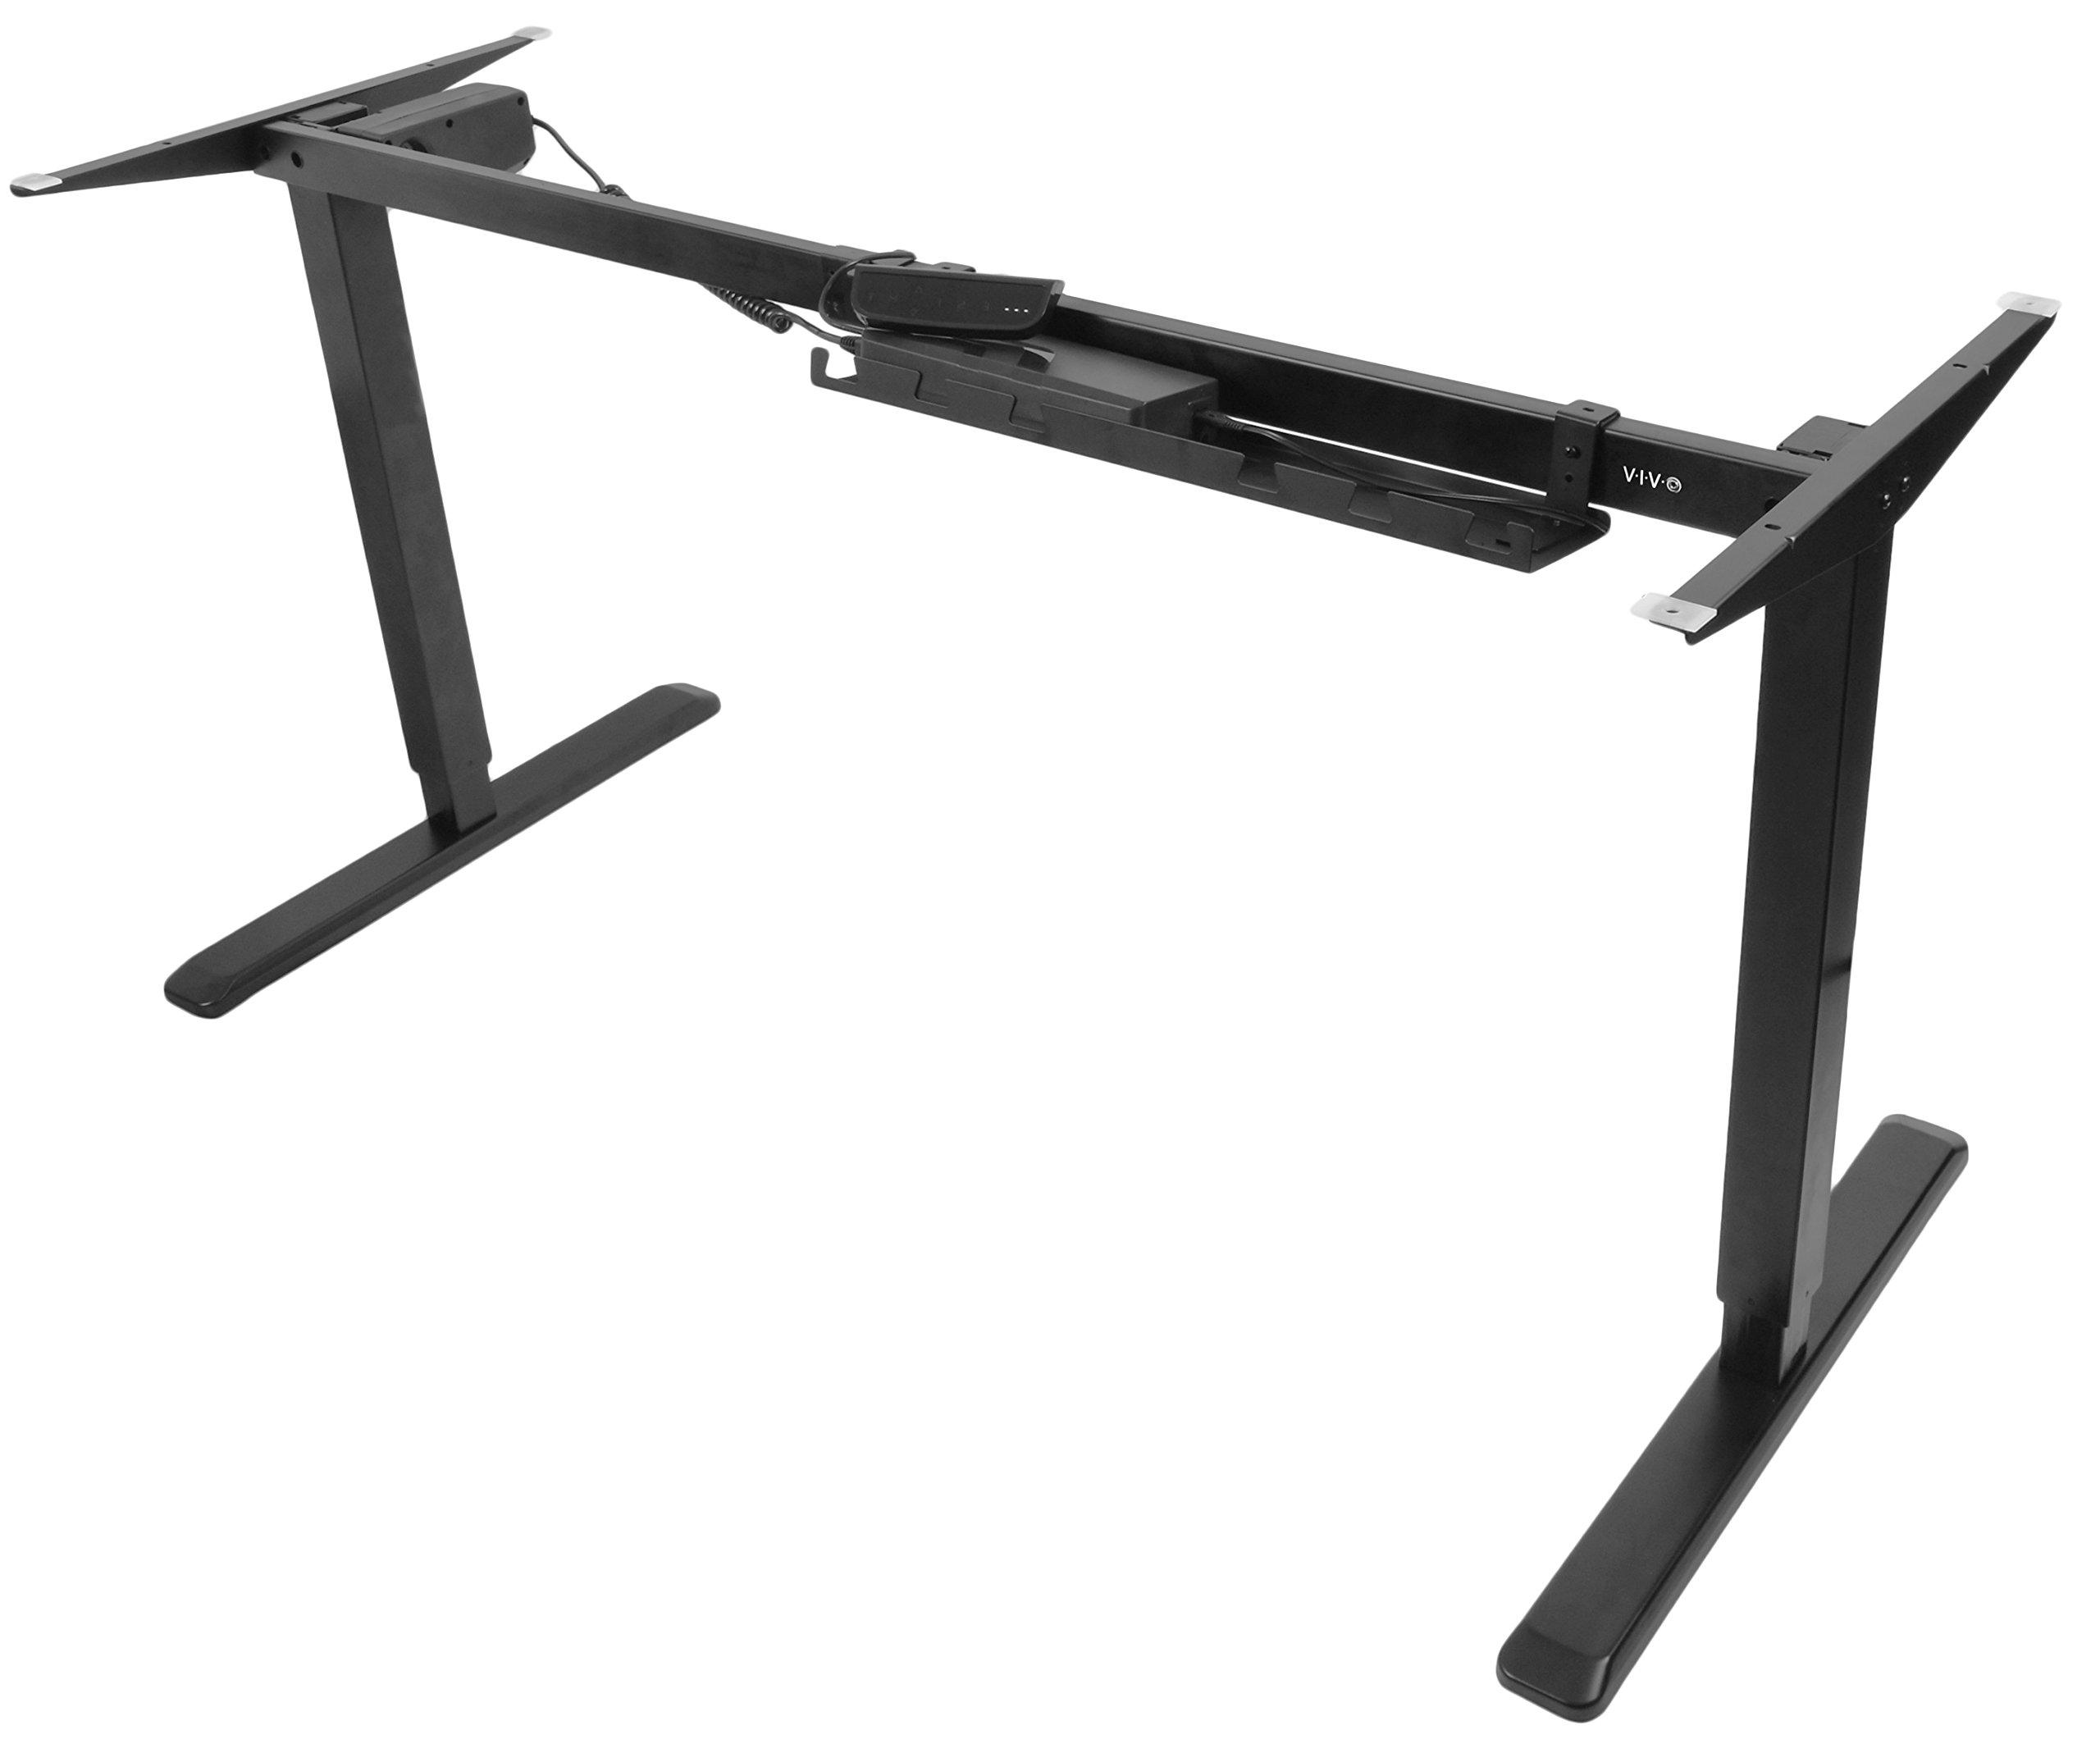 VIVO Black Electric Stand Up Desk Frame Workstation, Single Motor Ergonomic Standing Height Adjustable Base (DESK-V102E) by VIVO